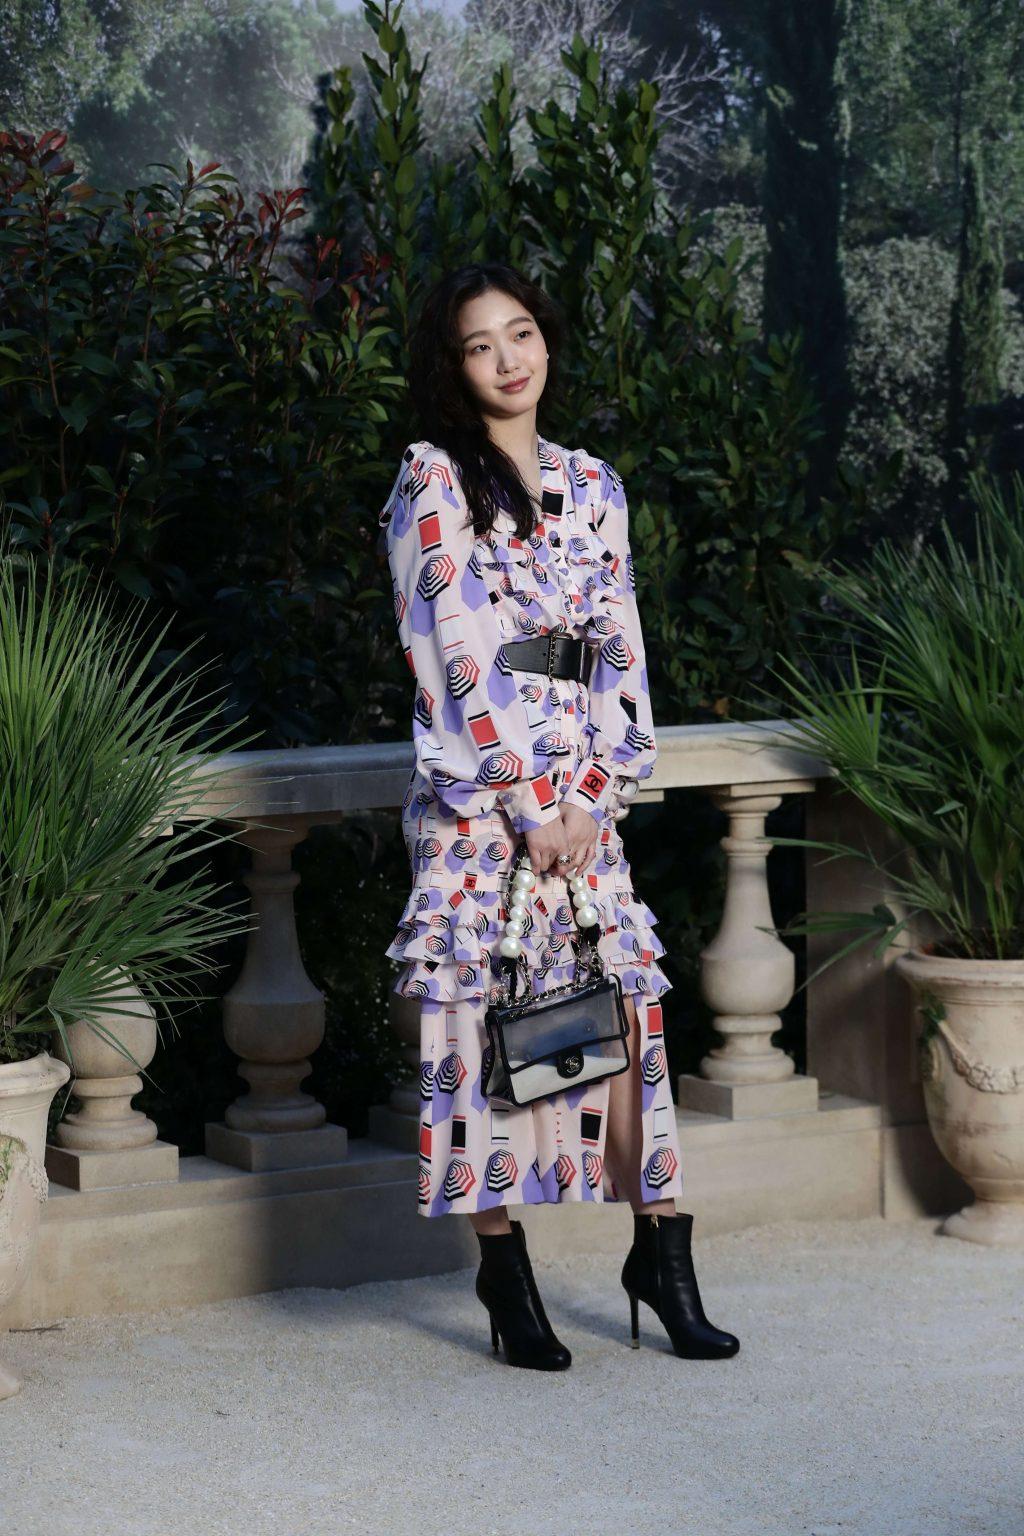 Dàn sao quốc tế đổ bộ Tuần lễ Thời trang Haute Couture Xuân - Hè 2019 5